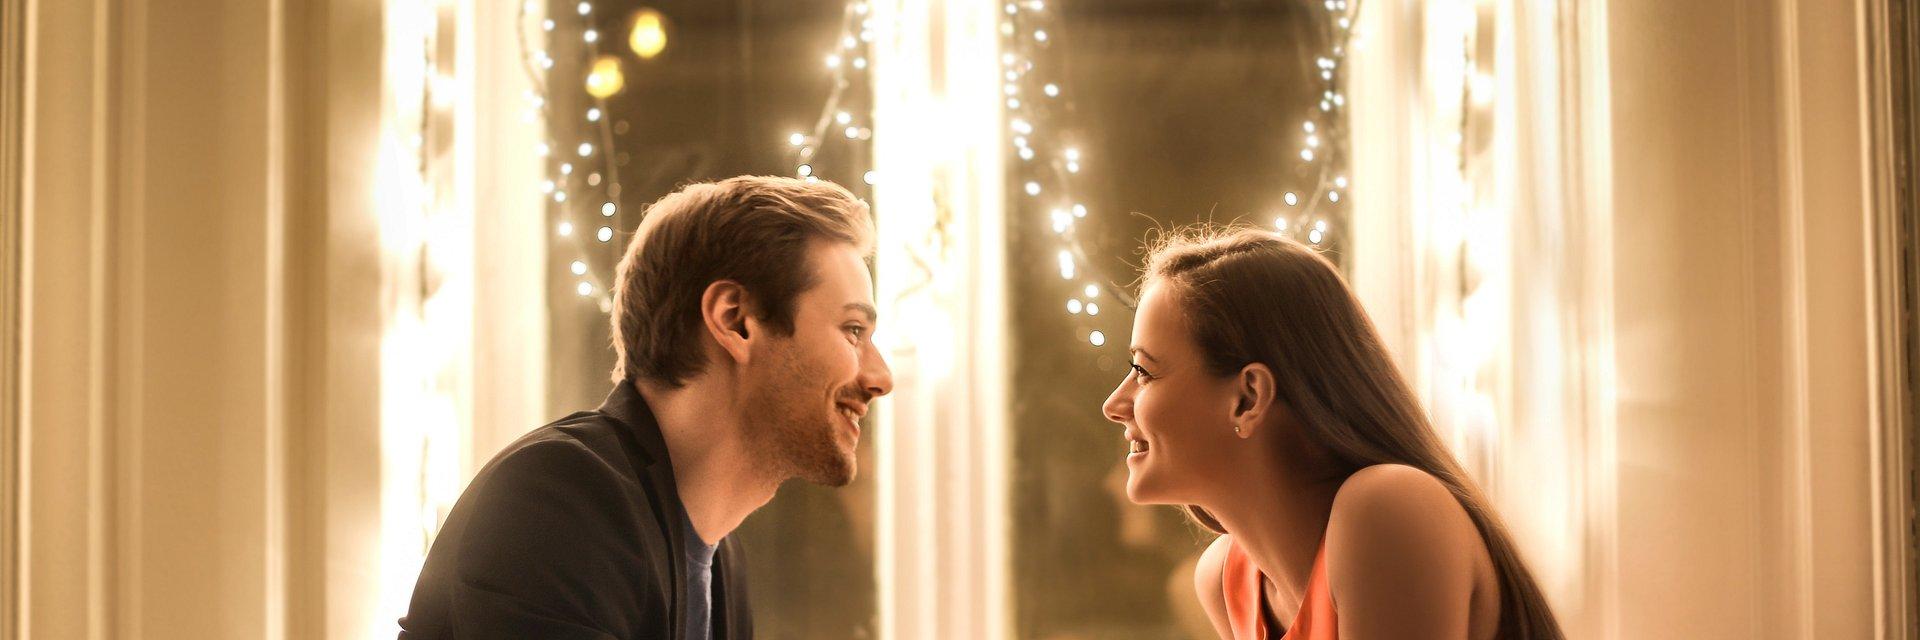 Bezgotówkowa randka – czy się opłaci?